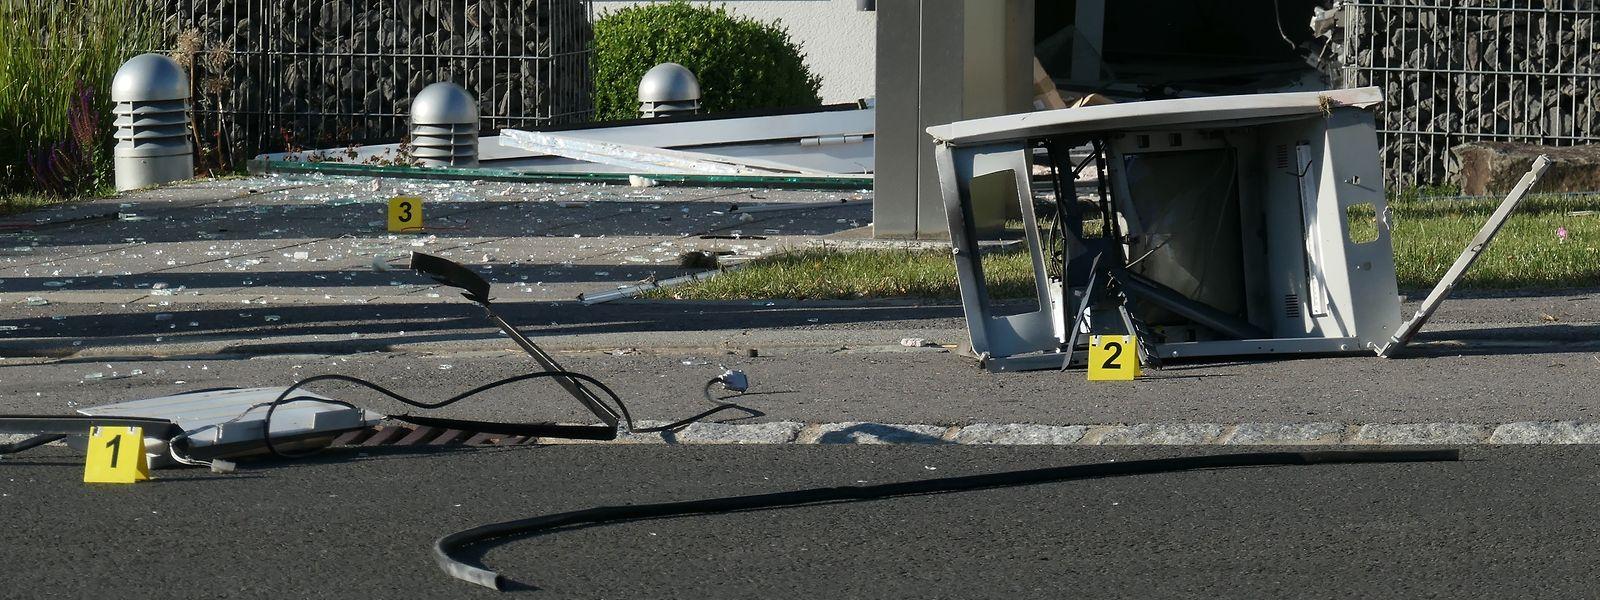 Der Geldautomat wurde bei der Explosion, wie von den Tätern beabsichtigt, aus der Wandhalterung geschleudert.